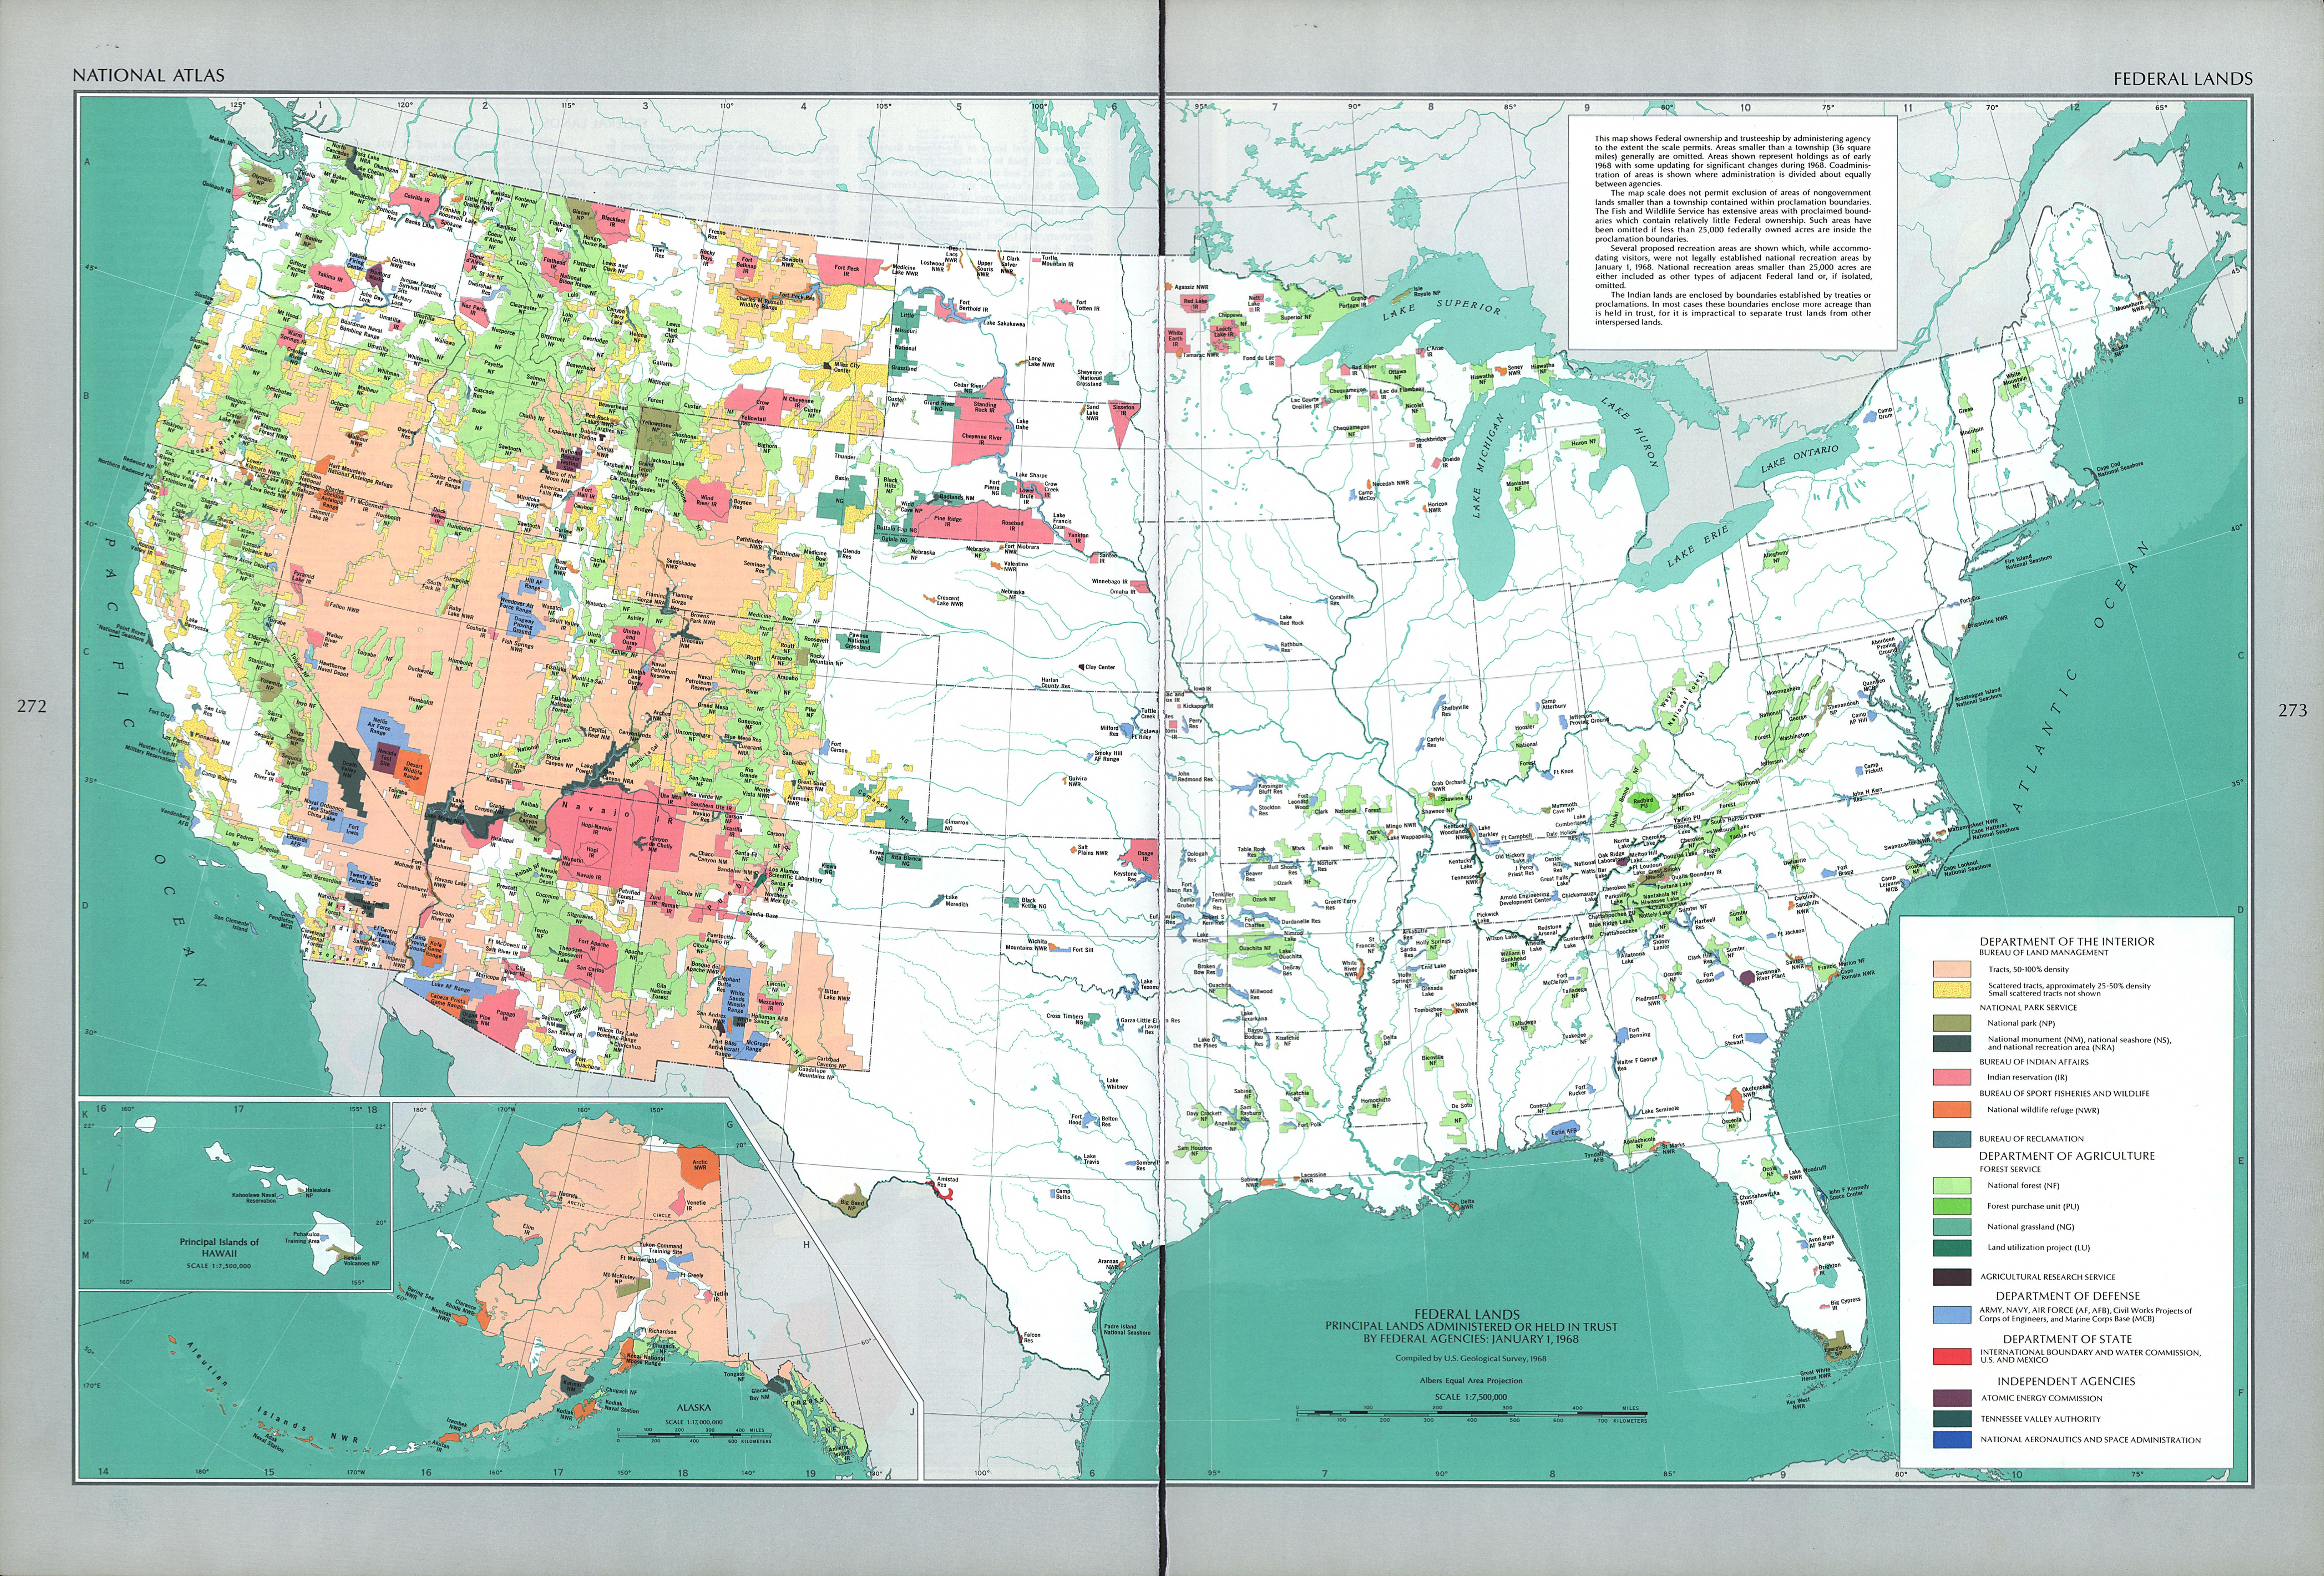 Mapa de las Principales Tierras Administradas o en Fideicomiso por Agencias Federales de los Estados Unidos, Enero 1, 1968